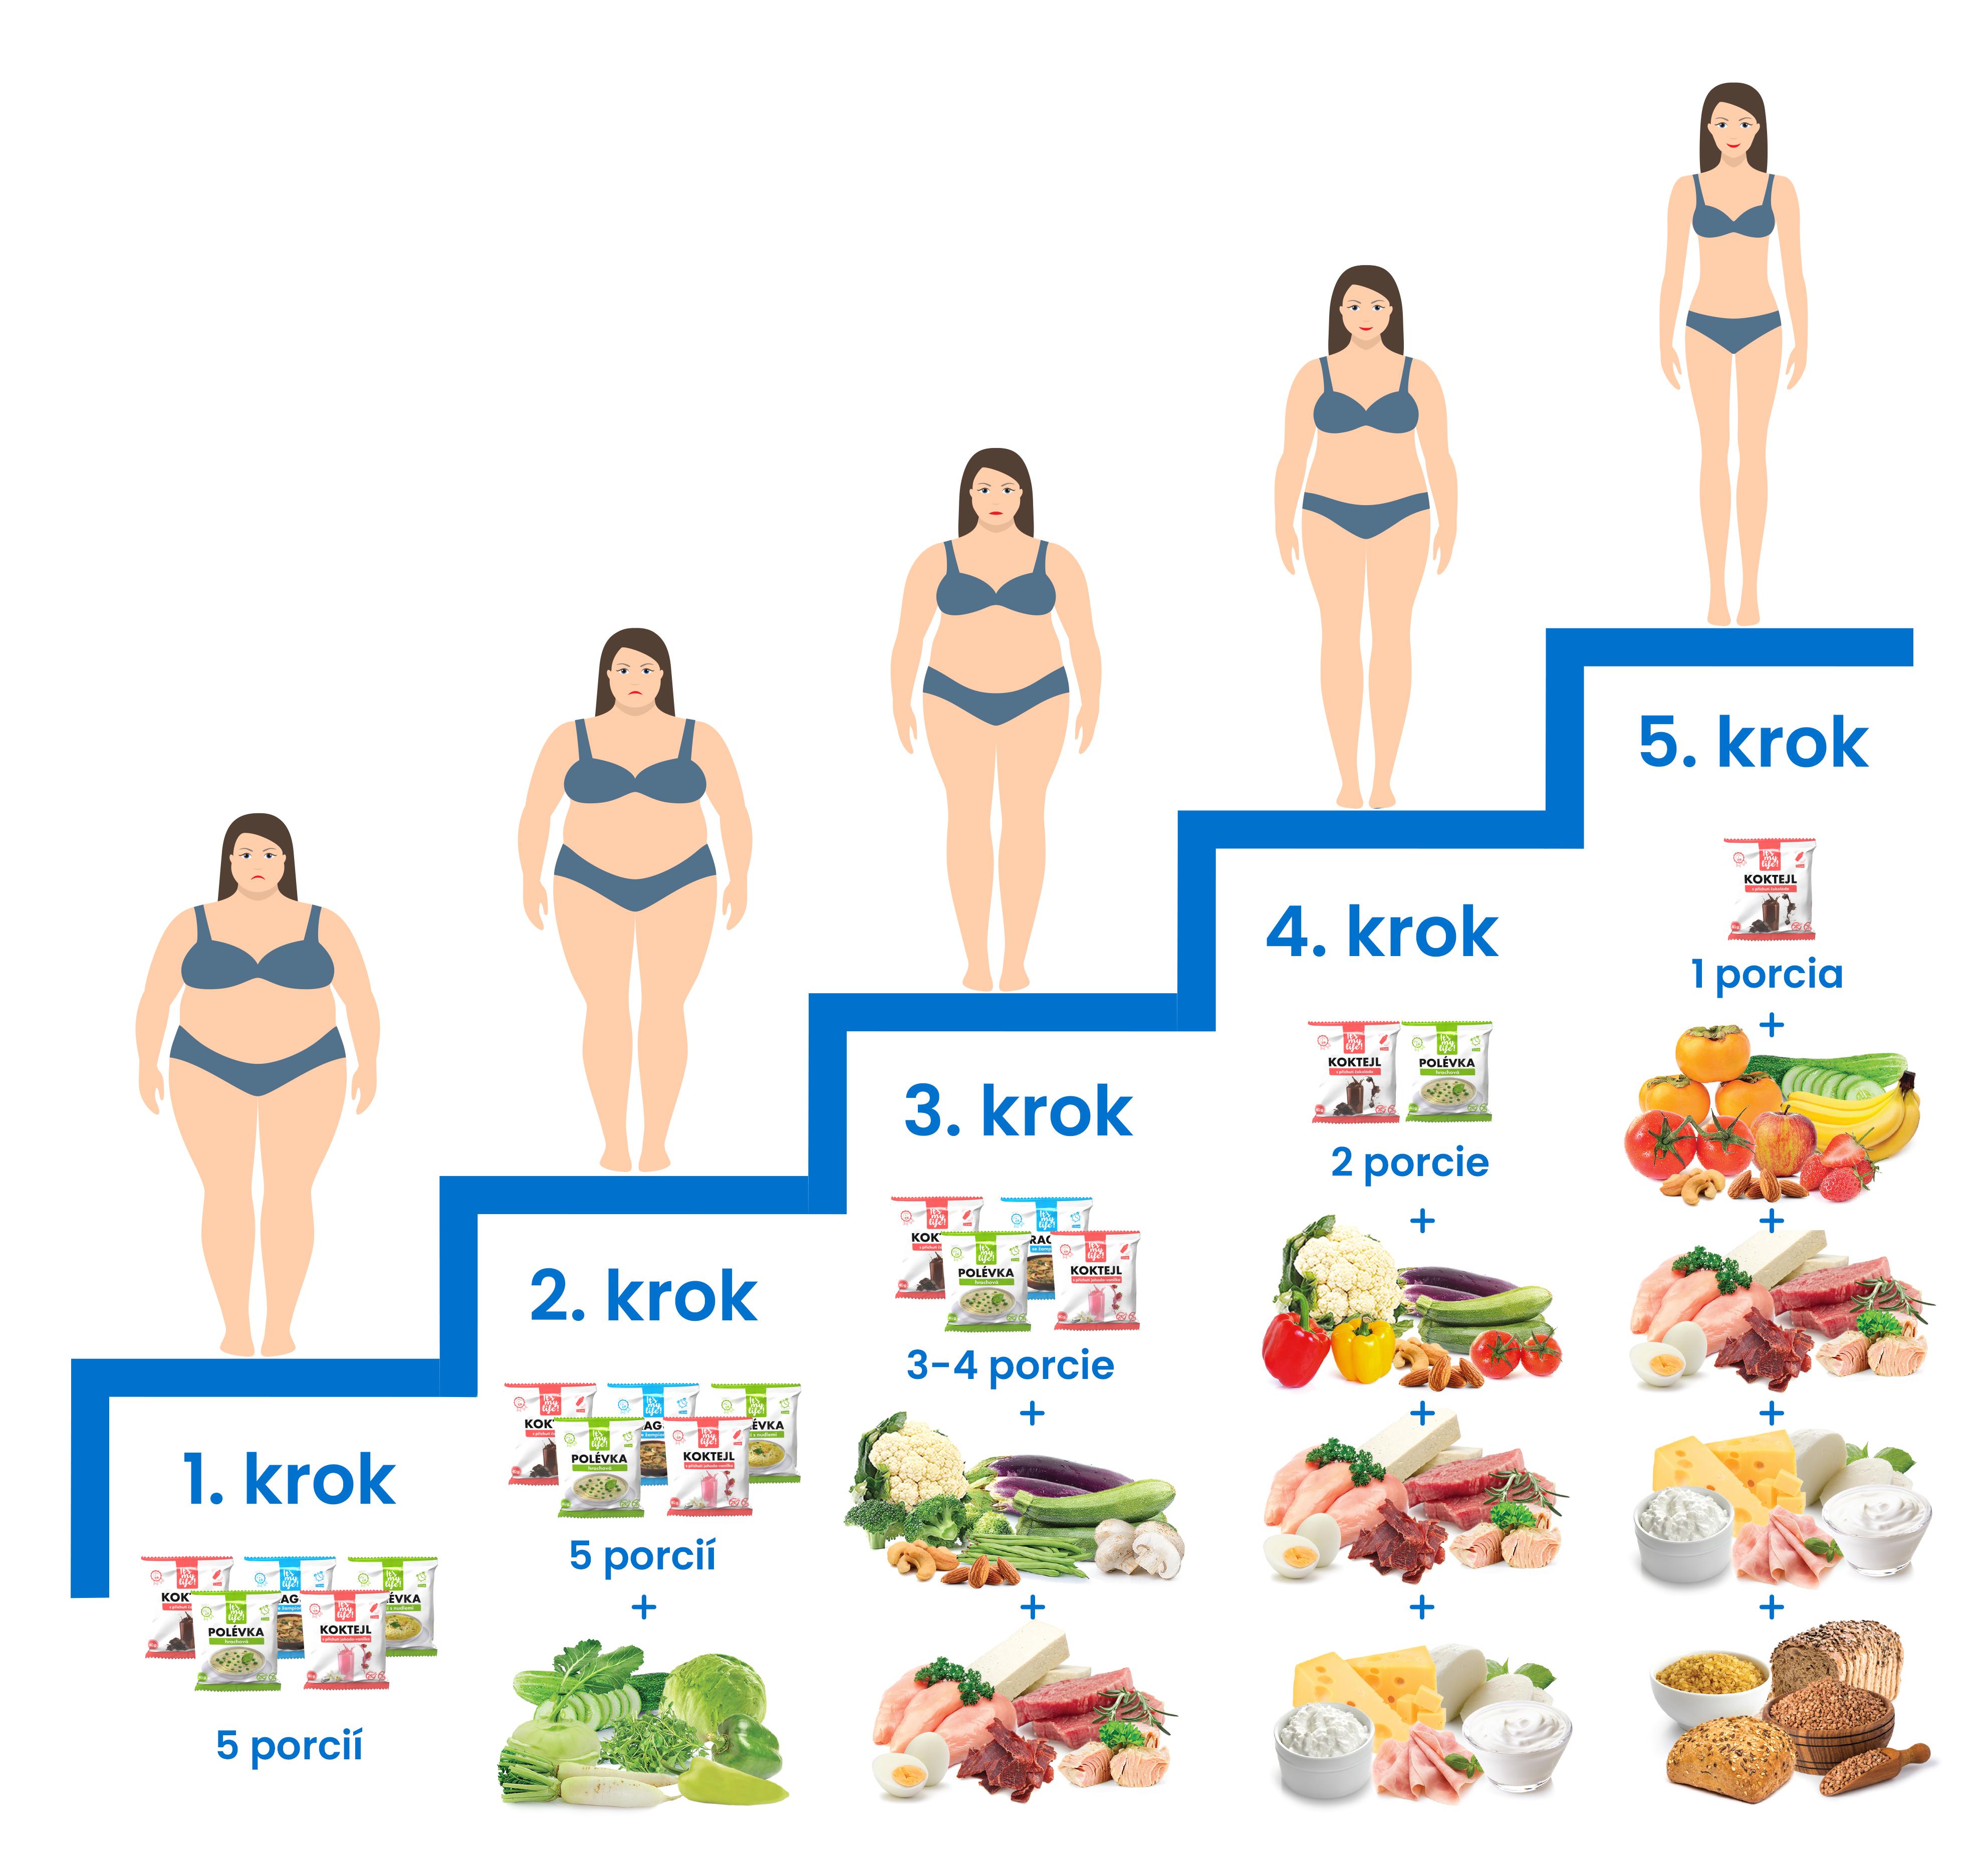 kroky-diety